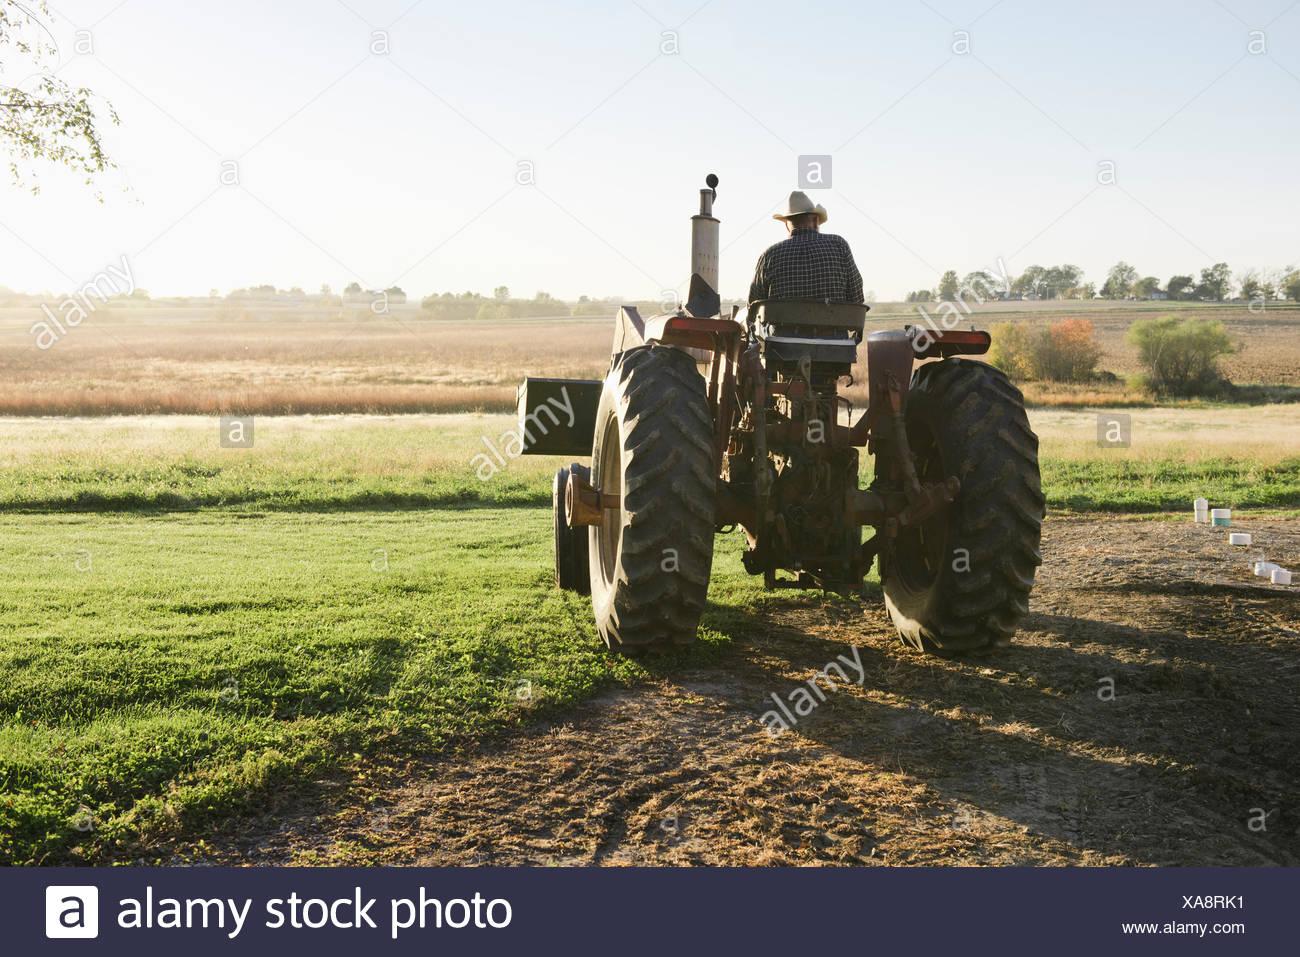 Vista trasera de altos agricultor conduciendo el tractor en el campo, Plattsburg, Missouri, EE.UU. Imagen De Stock